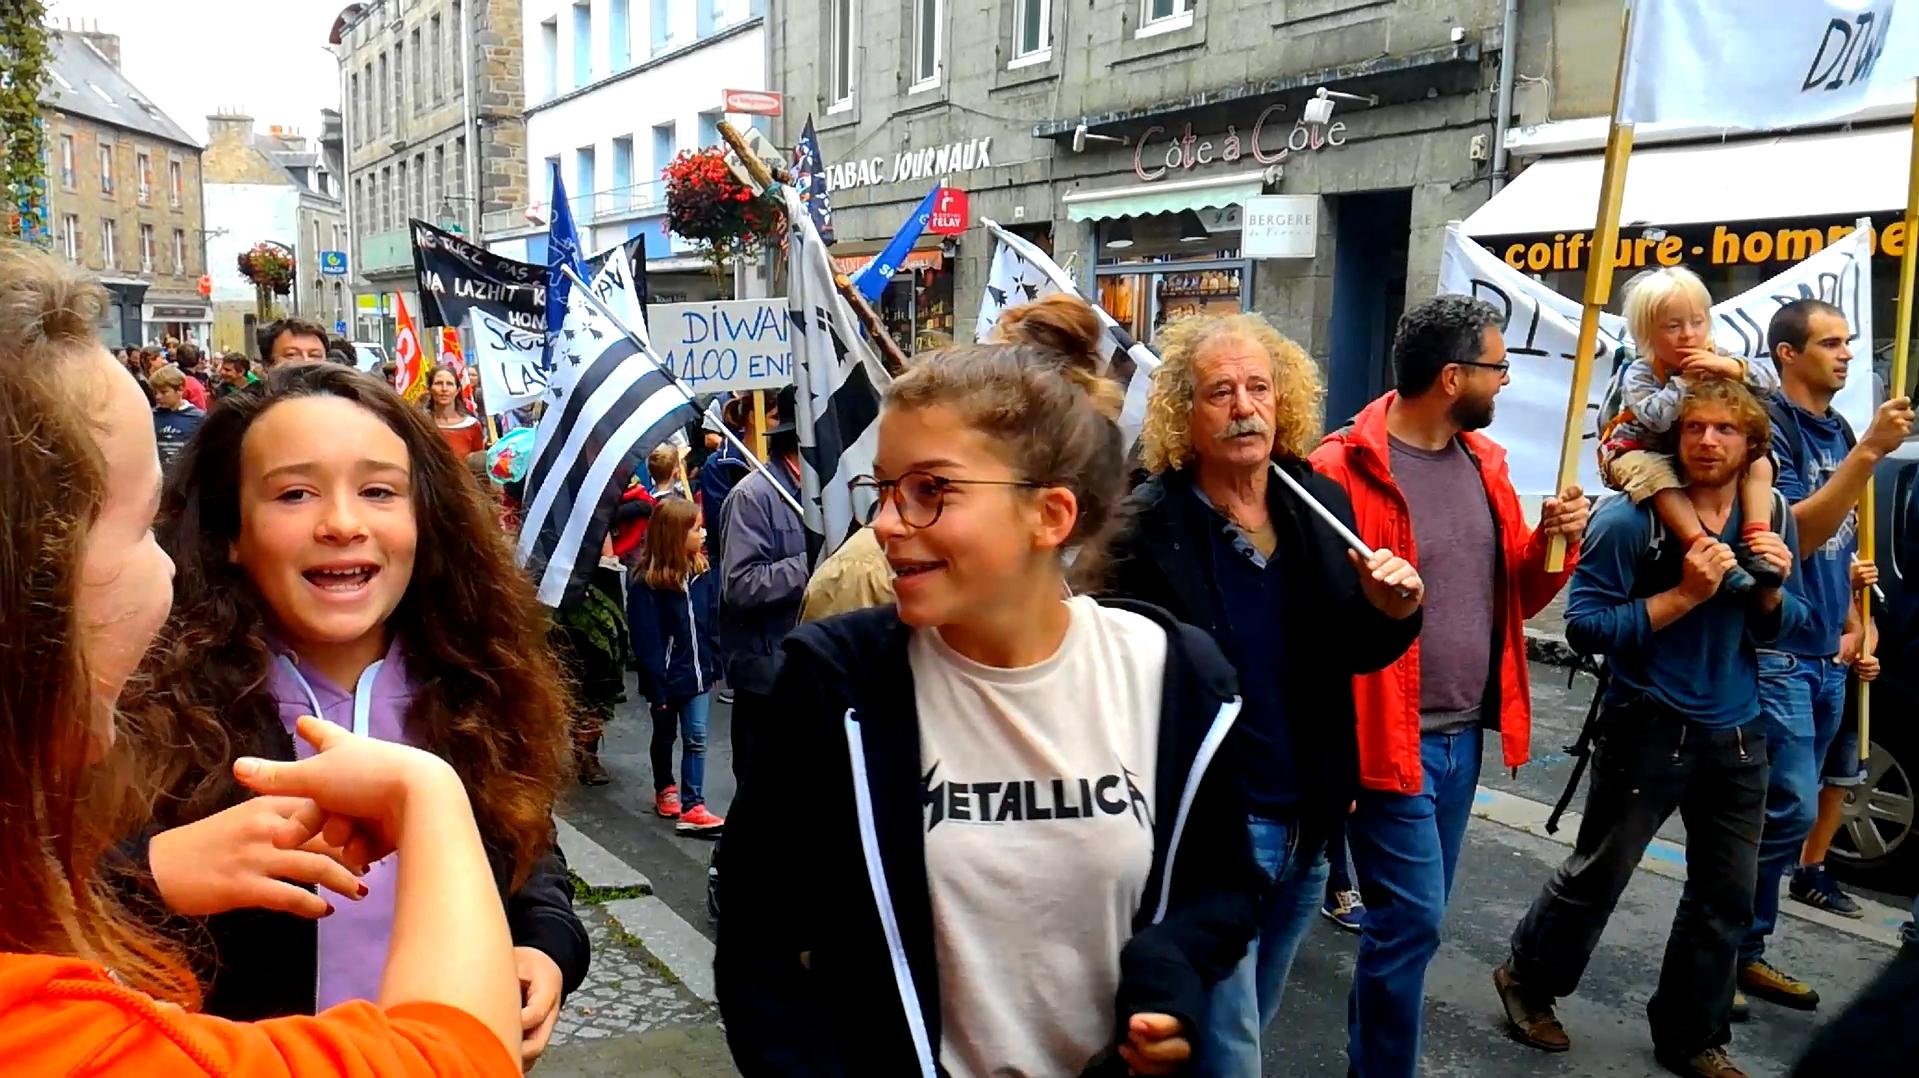 Manifestation à Guingamp pour la défense de l'école Diwan - La Déviation